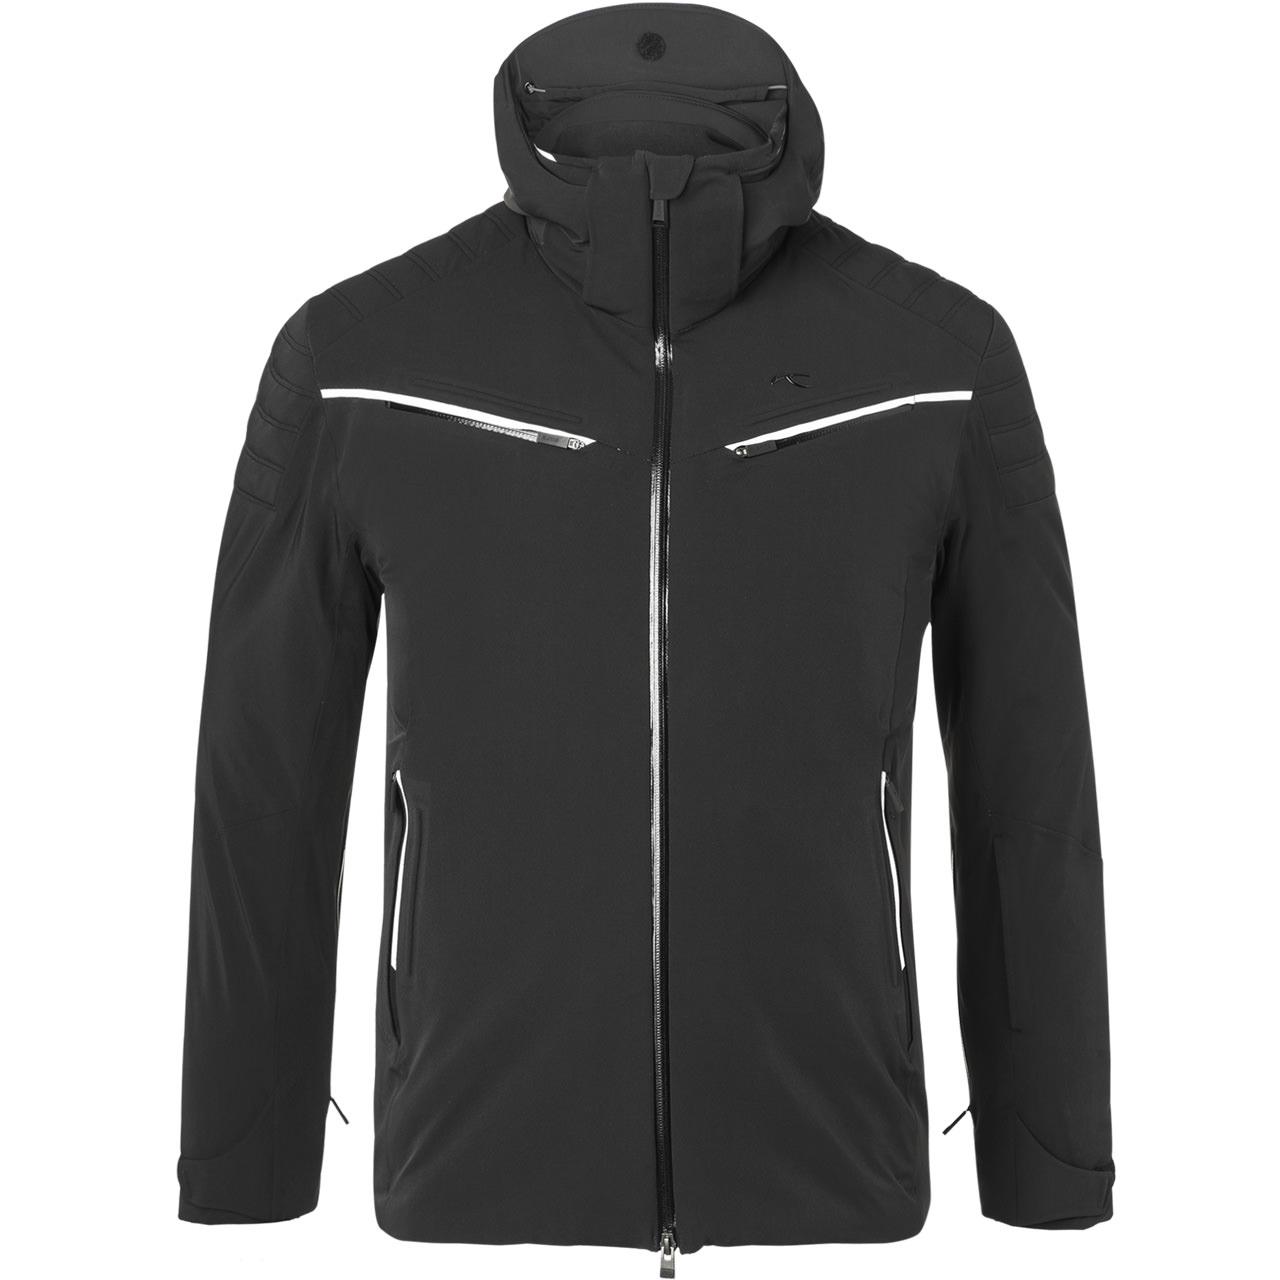 timeless design ddd8c 0a17b Kjus Skibekleidung Herren online kaufen